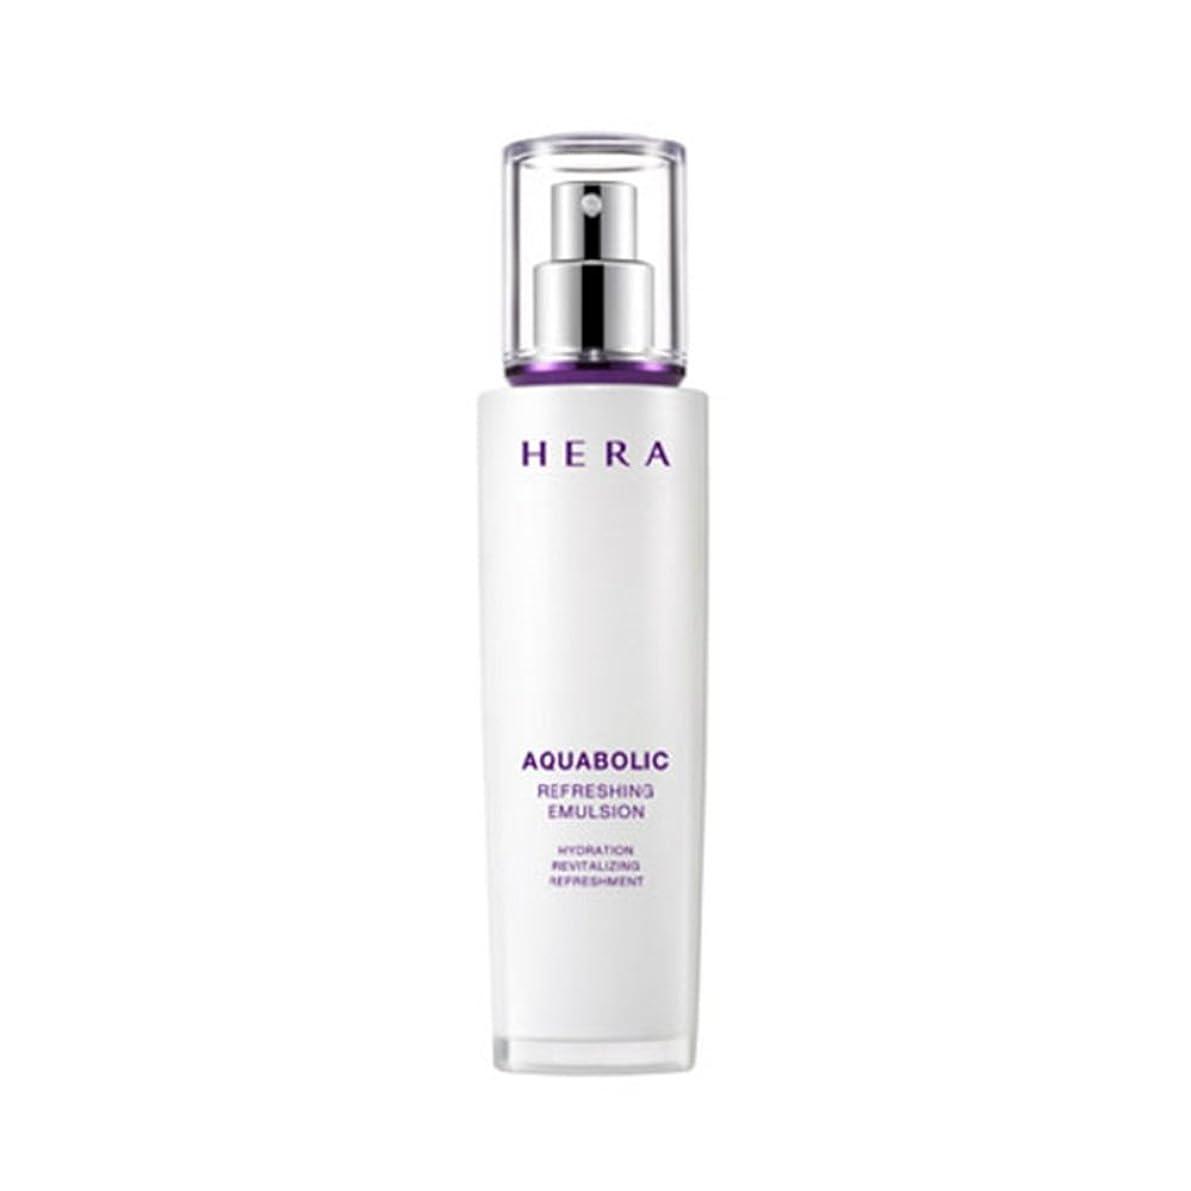 柔らかい足ブルーベル信条(ヘラ) HERA Aquabolic Refreshing Emulsion アクアボリックリフレッシング エマルジョン (韓国直発送) oopspanda